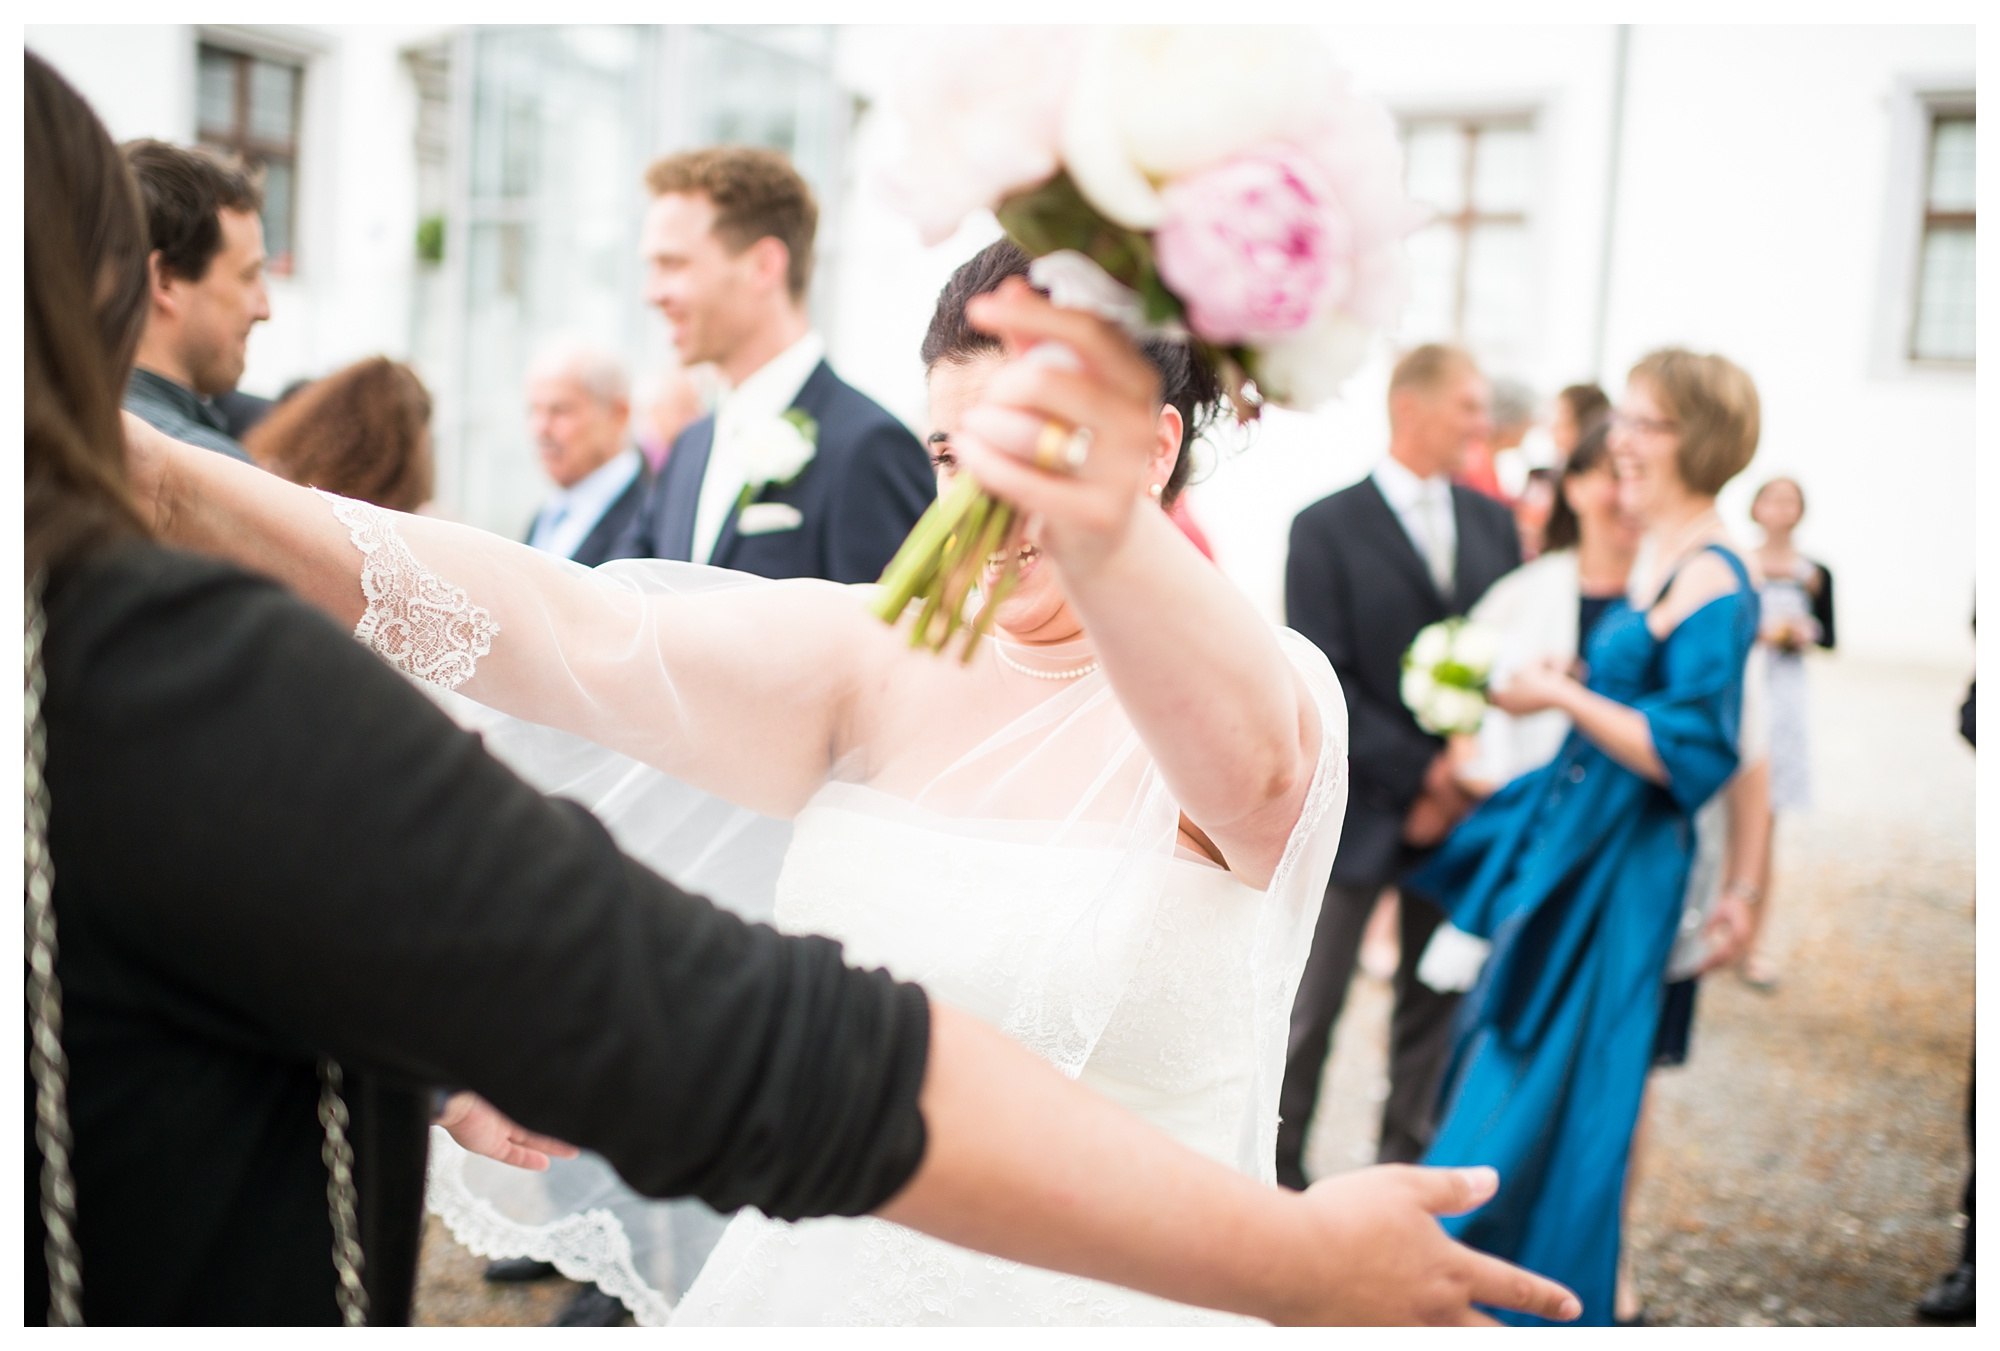 Fotograf Konstanz - Hochzeit Tanja Elmar Elmar Feuerbacher Photography Konstanz Messkirch Highlights 047 - Hochzeitsreportage von Tanja und Elmar im Schloss Meßkirch  - 46 -